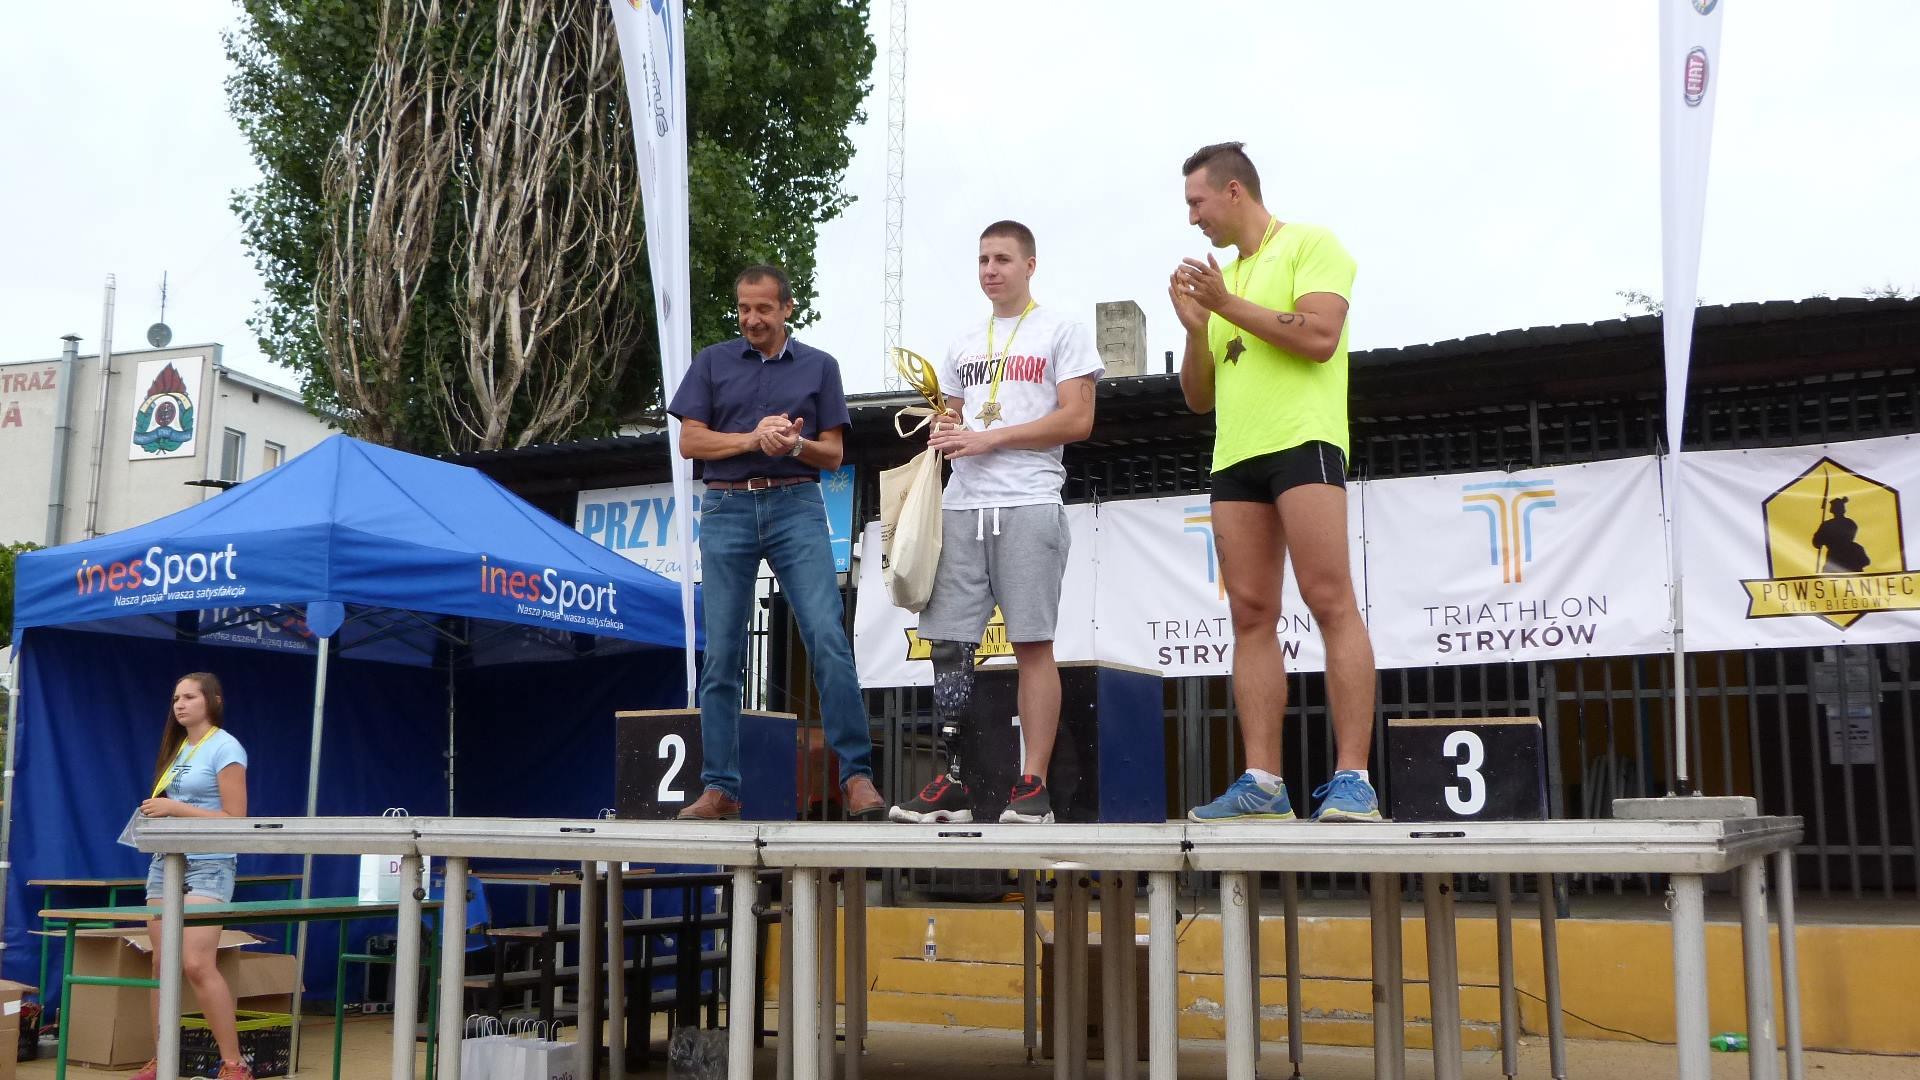 kamil-aleksejew-moj-pierwszy-triathlon-cyklomaniacy-9